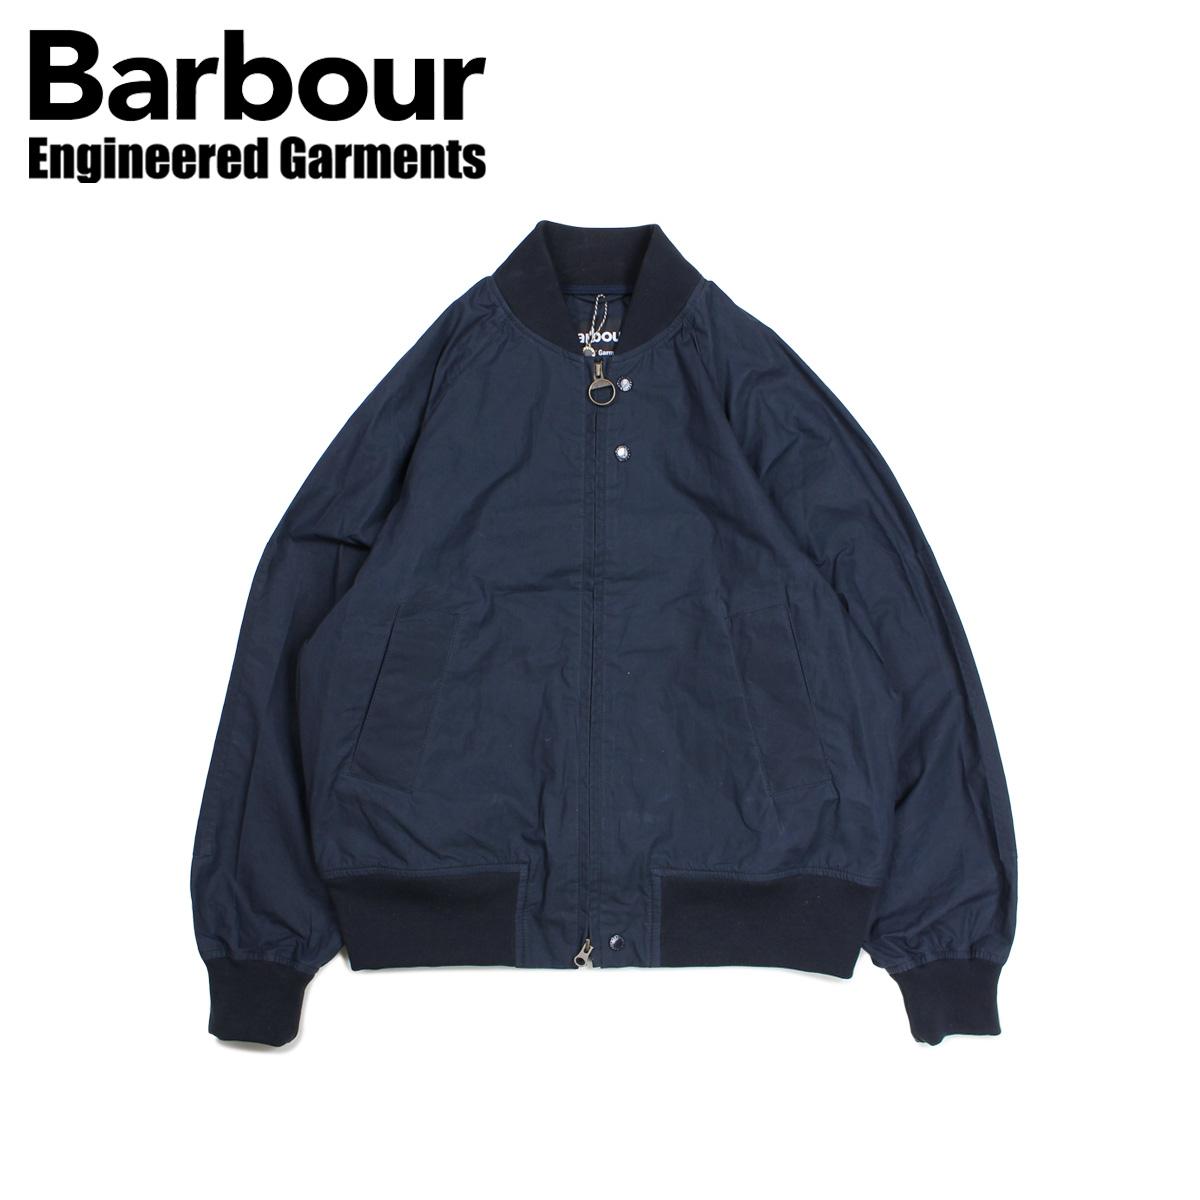 Barbour ENGINEERED GARMENTS IRVING JACKET バブアー エンジニアードガーメンツ ジャケット ボンバージャケット メンズ アービングジャケット コラボ ネイビー MCA0598NY71